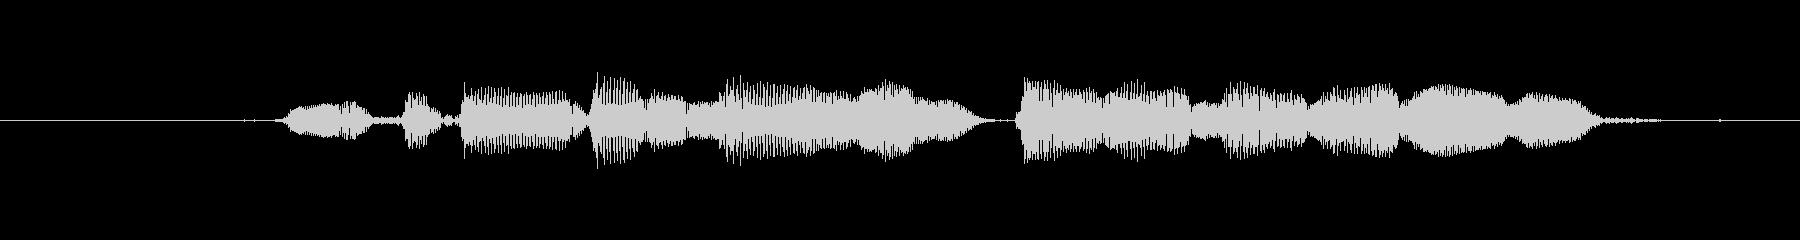 鳴き声 リップスマッキングチャイルド06の未再生の波形